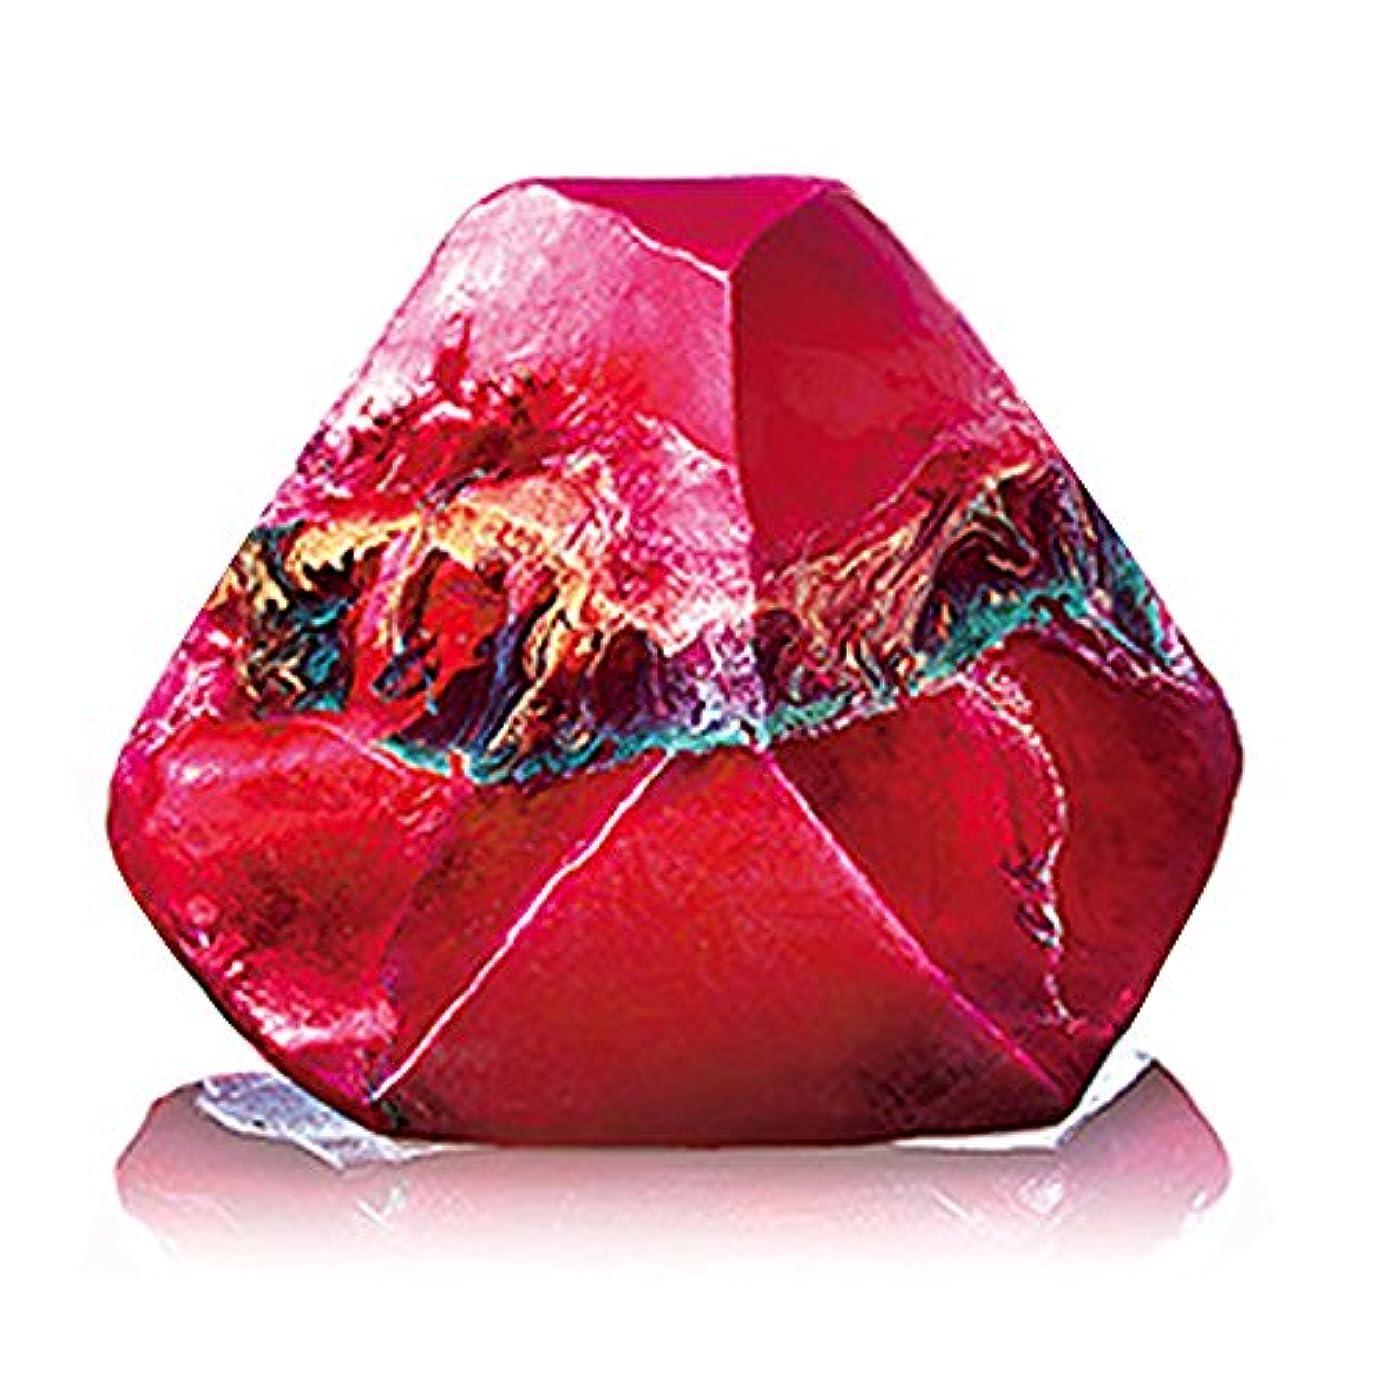 受信腐敗ホームSavons Gemme サボンジェム 世界で一番美しい宝石石鹸 フレグランス ソープ ガーネット 170g